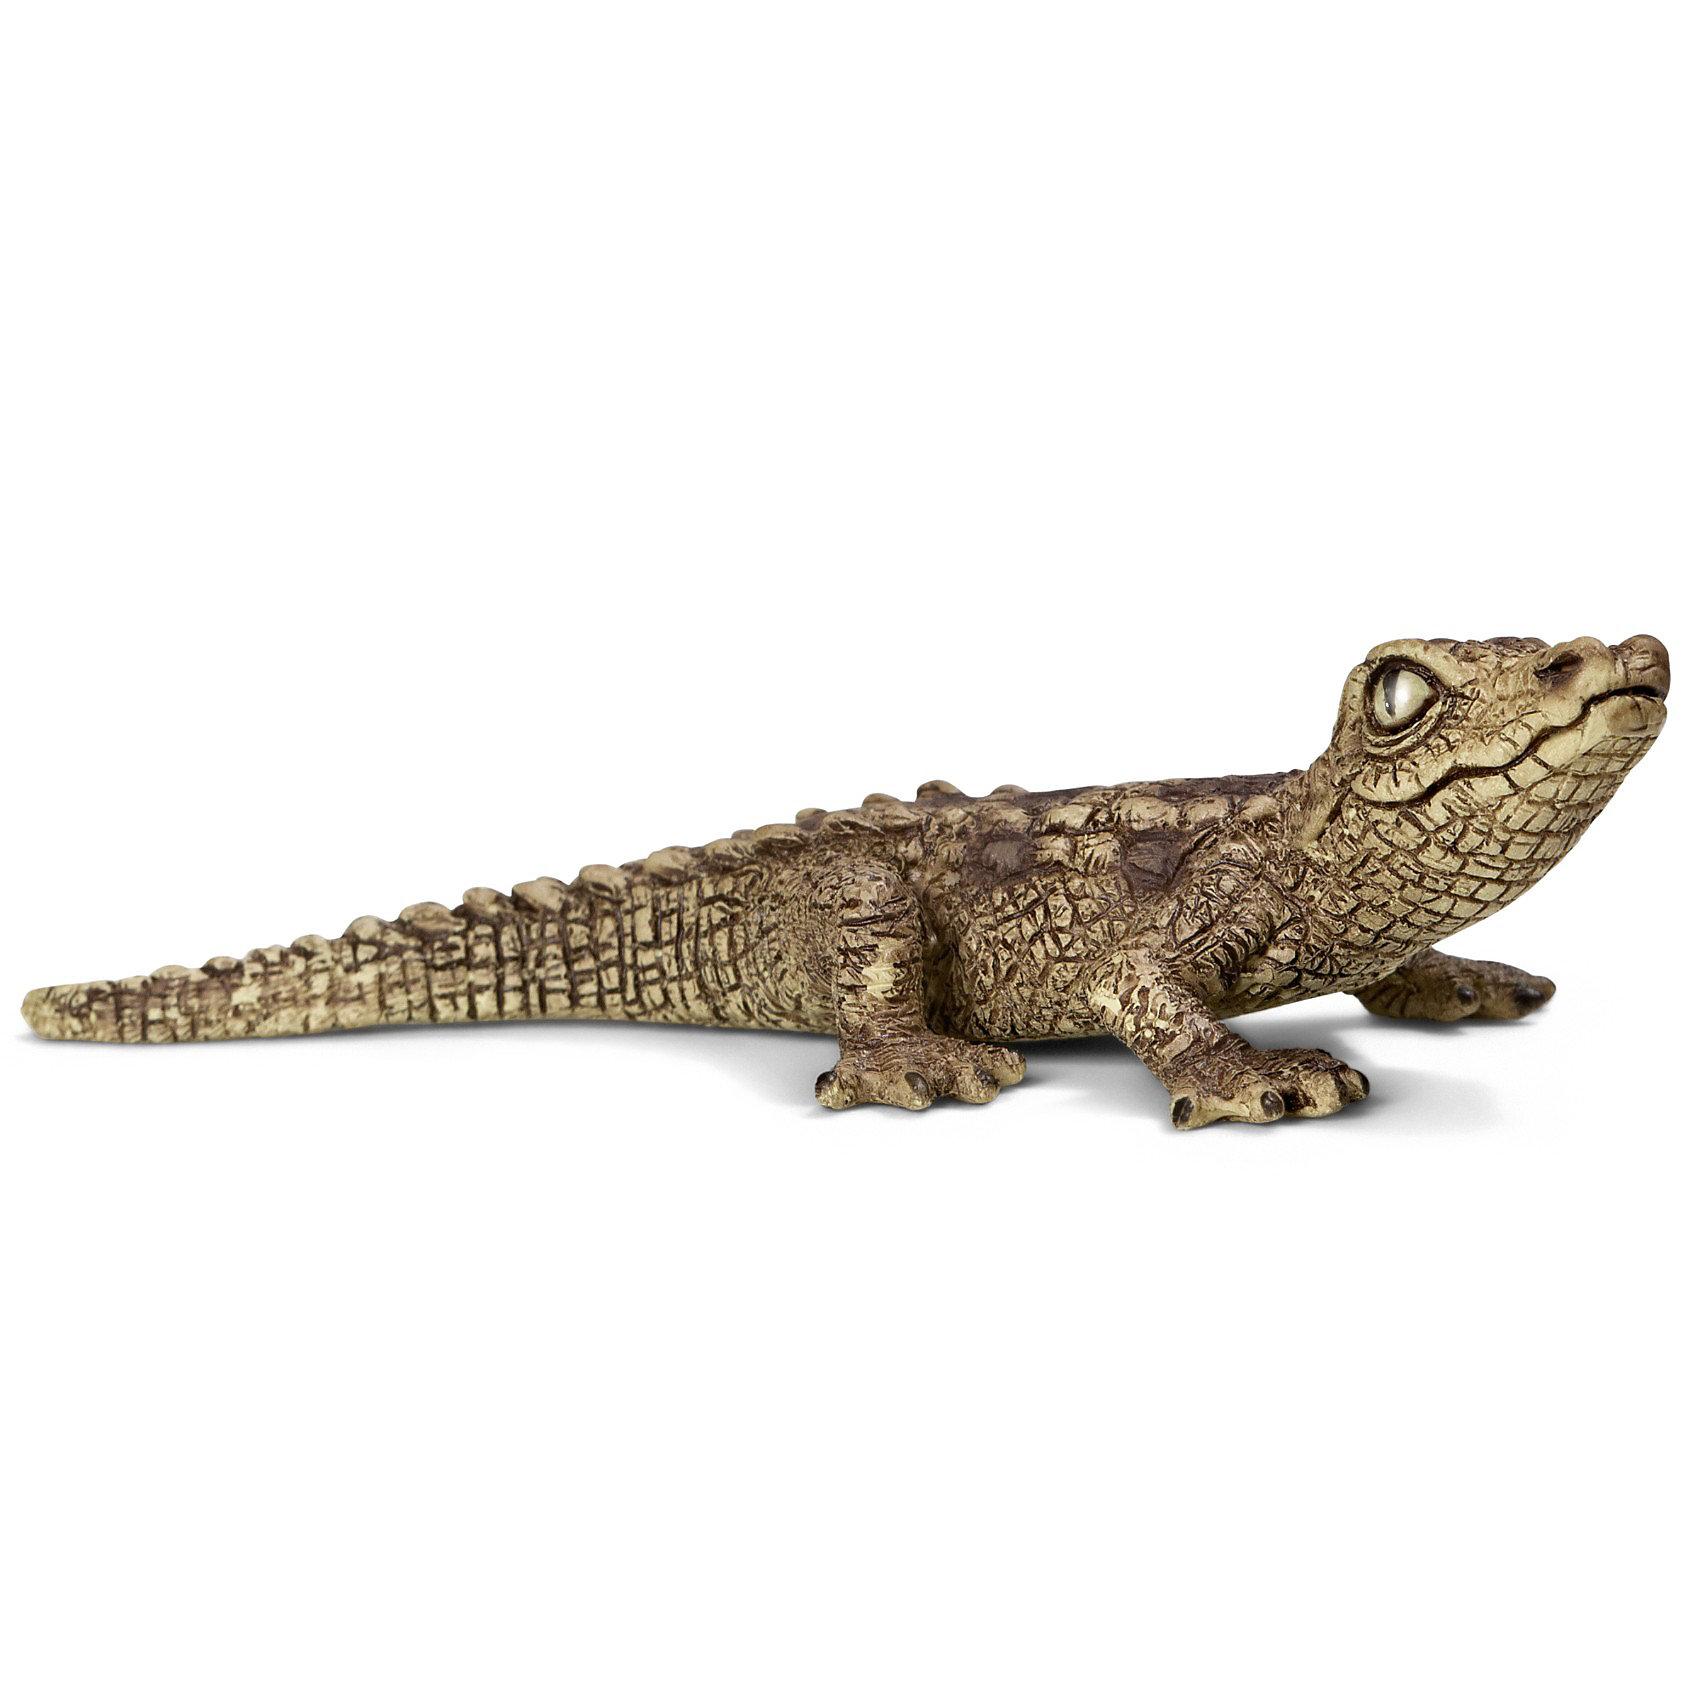 Schleich Крокодил, детеныш. Серия Дикие животныеМир животных<br>Schleich (Шляйх) Крокодил, детеныш. Серия Дикие животные. Крокодилы являются крупнейшими рептилиями, обитающими в болотах, в которых они подстерегают свою добычу. Мощный хвост крокодила помогает ему легко двигаться как по суше, так и в воде. Интересно, что крокодил может жить до 100 лет.<br><br>Дополнительная информация:<br><br>-размеры (ДхШхВ): 2,7х5,3х13 см<br>-изготовлено из безопасного пластика<br><br>Фигурка из серии Дикие животные - это отличный подарок ребенку, который позволит рассказать и наглядно продемонстрировать разнообразие животного мира.<br><br>Игрушку Schleich (Шляйх) Крокодил, детеныш. Серия Дикие животные можно купить в нашем магазине.<br><br>Ширина мм: 61<br>Глубина мм: 50<br>Высота мм: 20<br>Вес г: 5<br>Возраст от месяцев: 36<br>Возраст до месяцев: 96<br>Пол: Унисекс<br>Возраст: Детский<br>SKU: 2609259